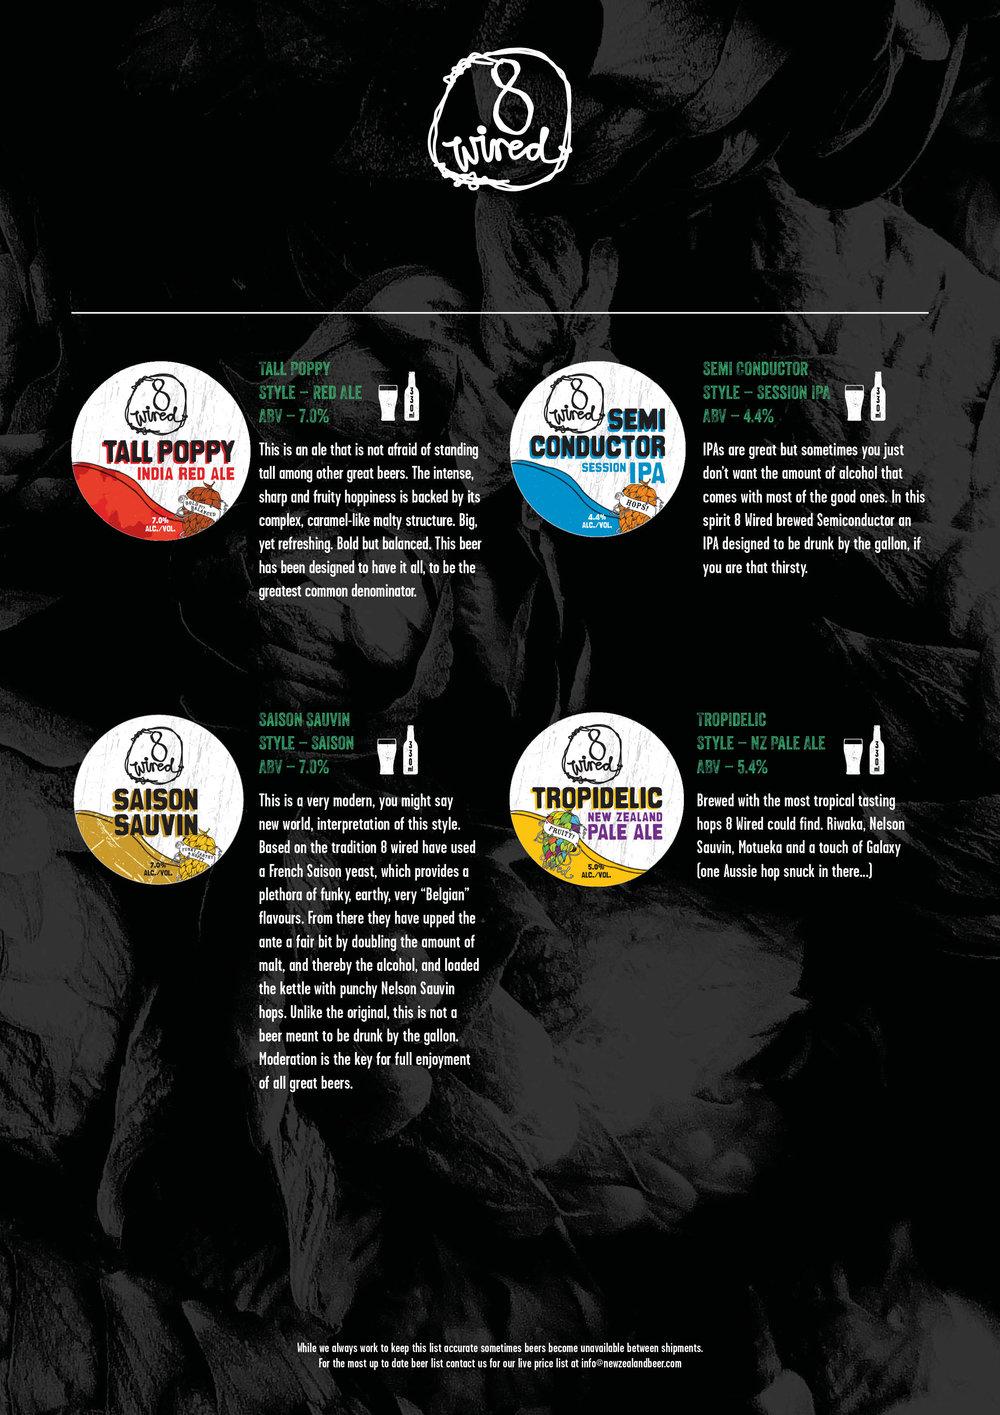 NewZealandBeer_Infographic_270920176.jpg